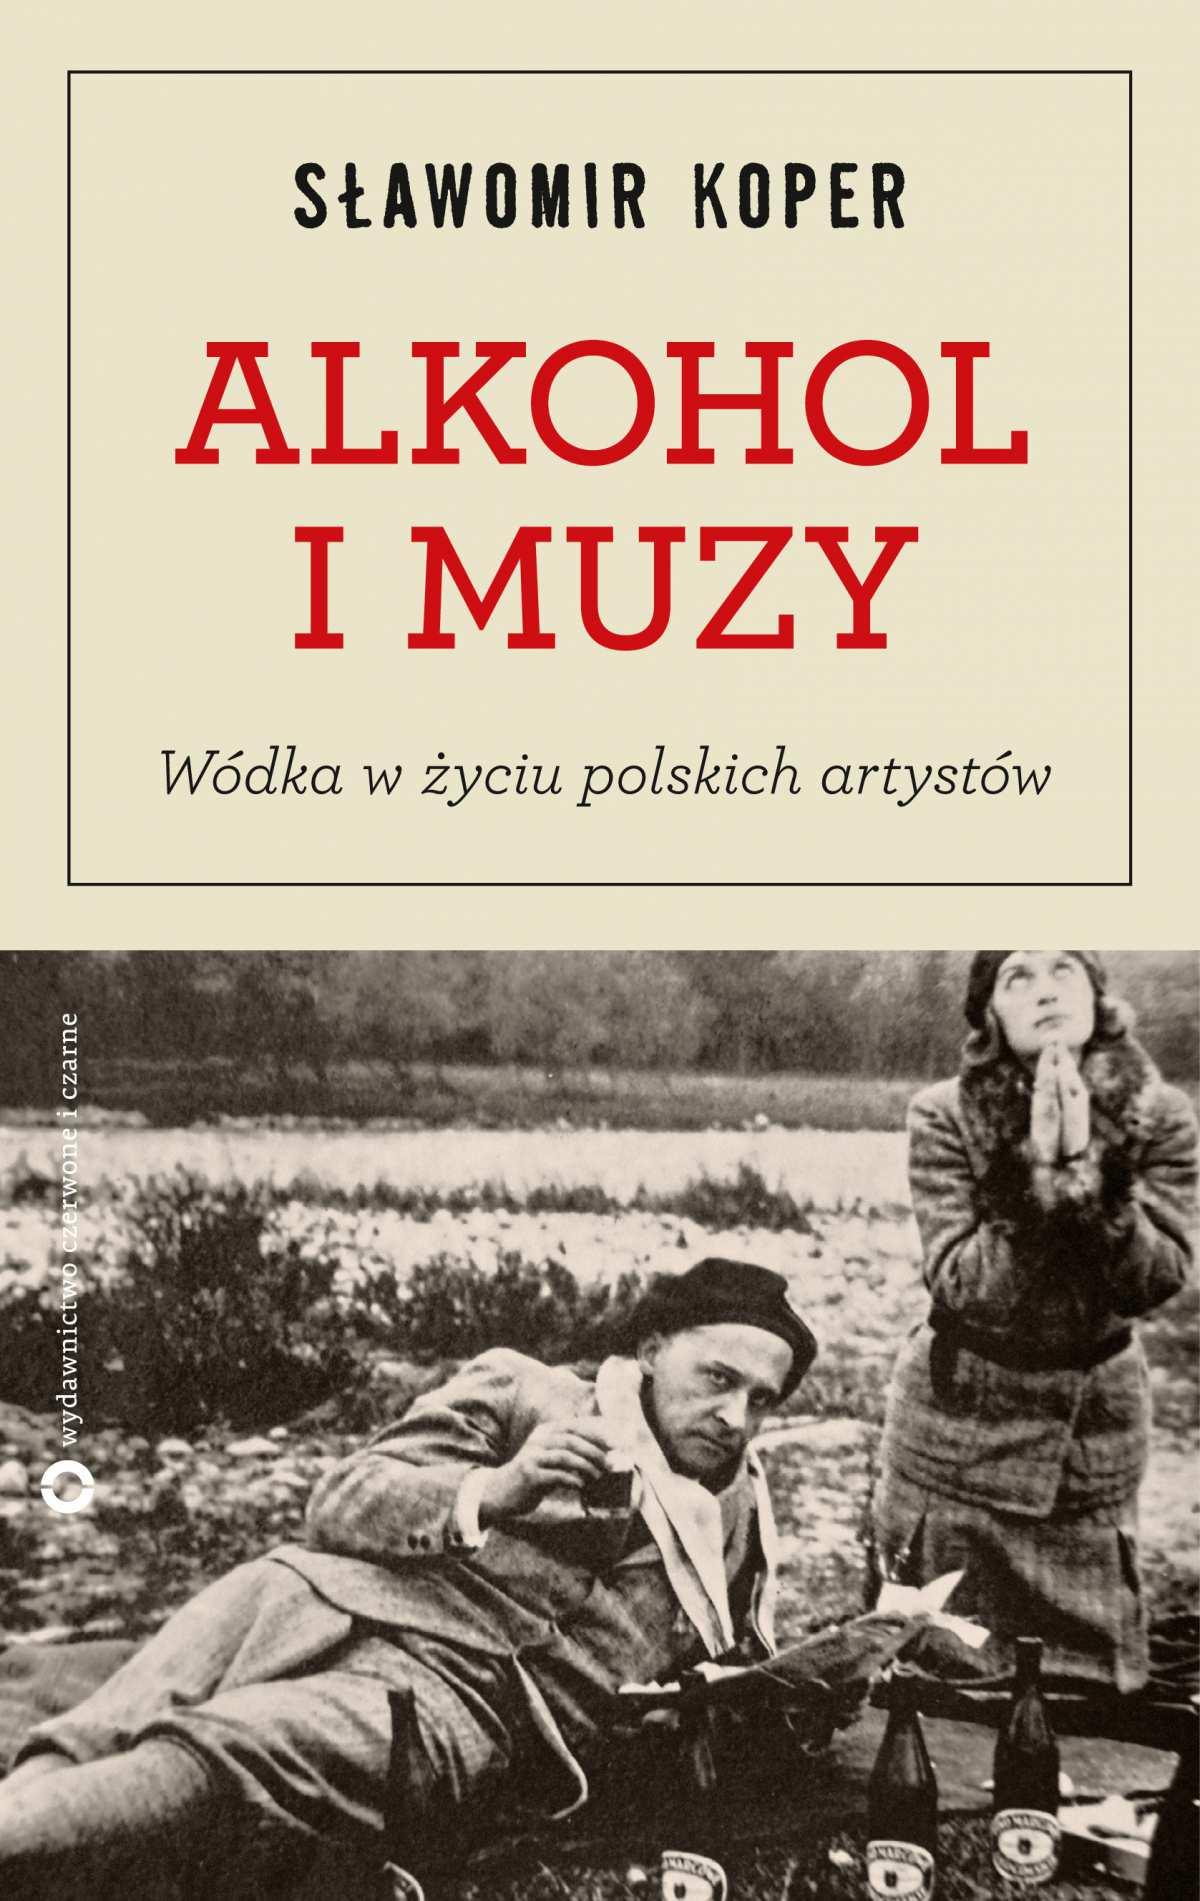 Alkohol i muzy. Wódka w życiu polskich artystów - Ebook (Książka na Kindle) do pobrania w formacie MOBI